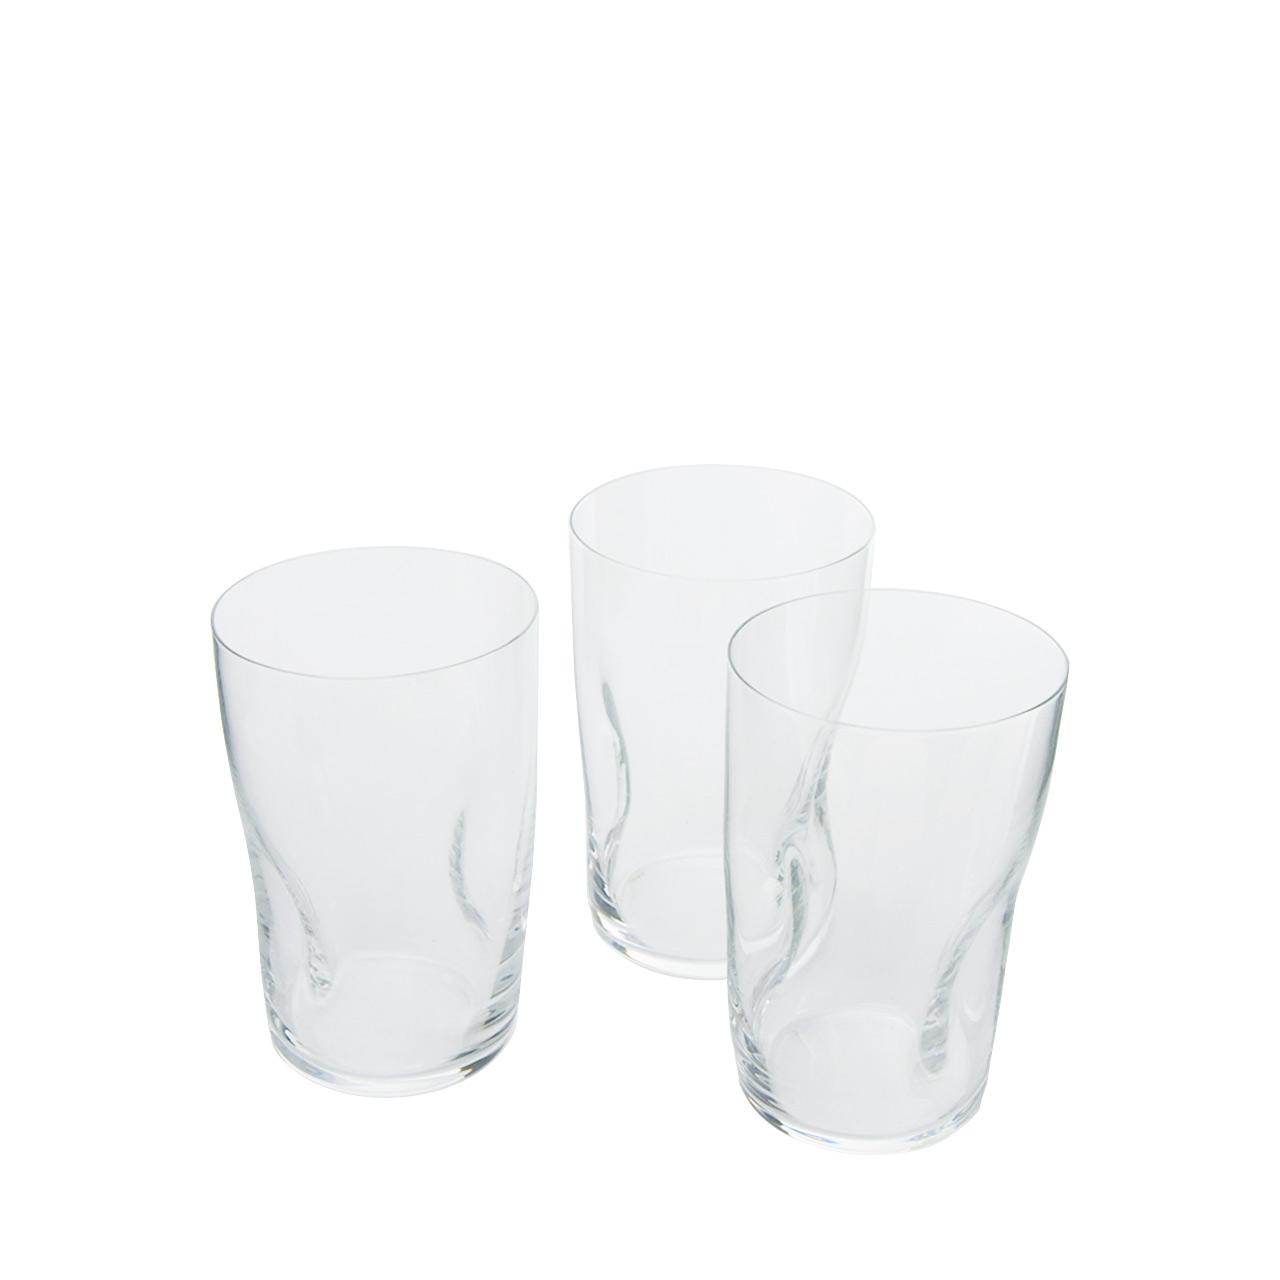 Quetschglas 6 eingedrückte Wassergläser 380ml